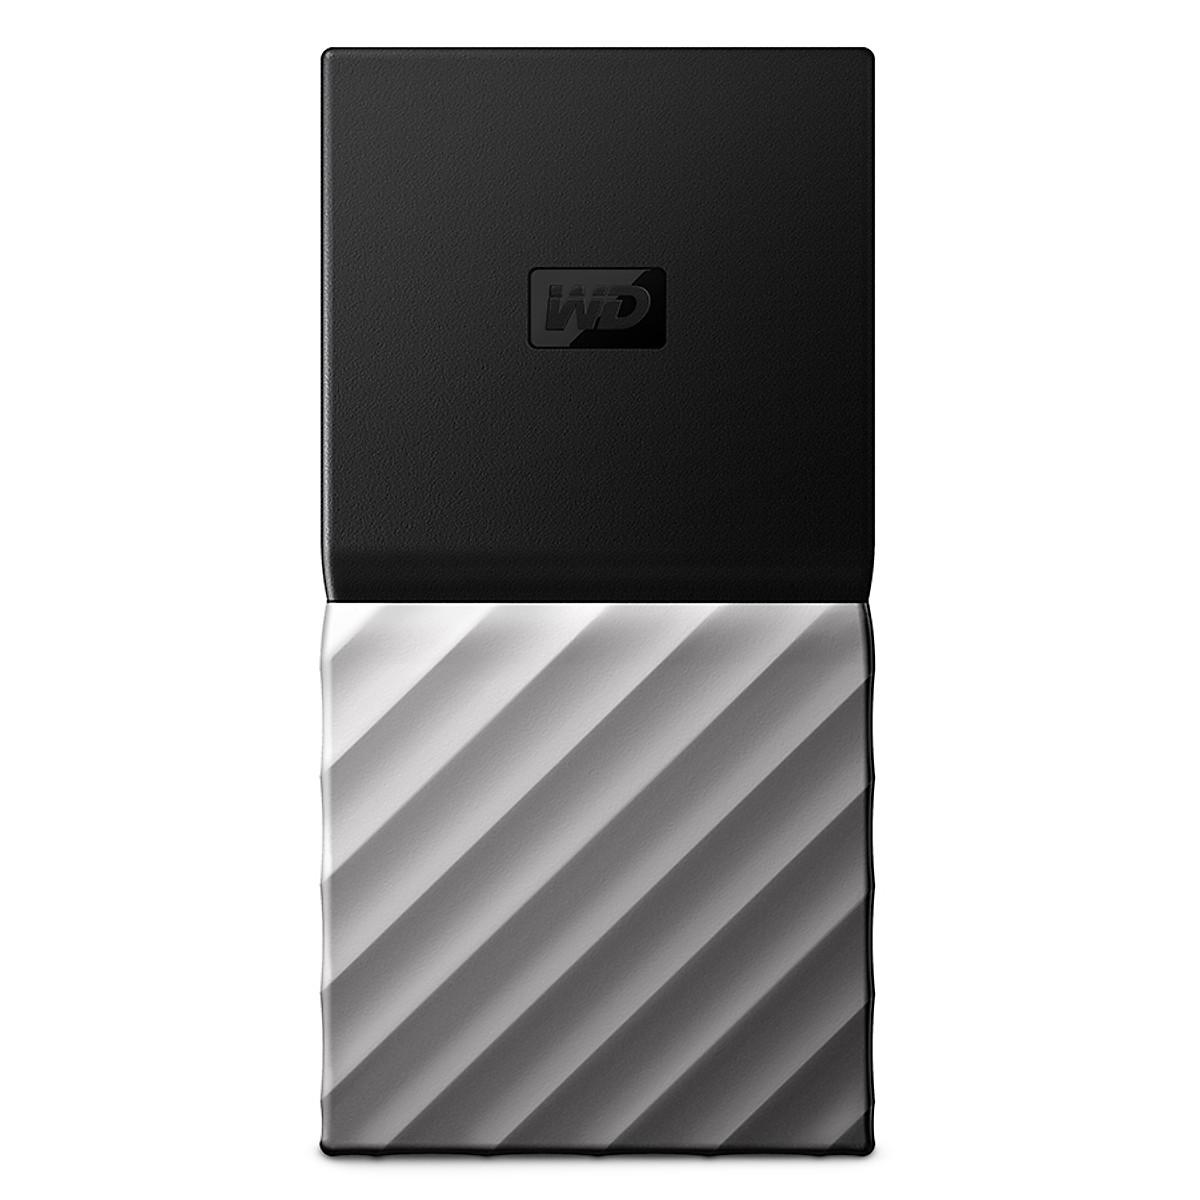 Ổ Cứng Di Động WD My Passport SSD 1TB – Hàng Chính Hãng